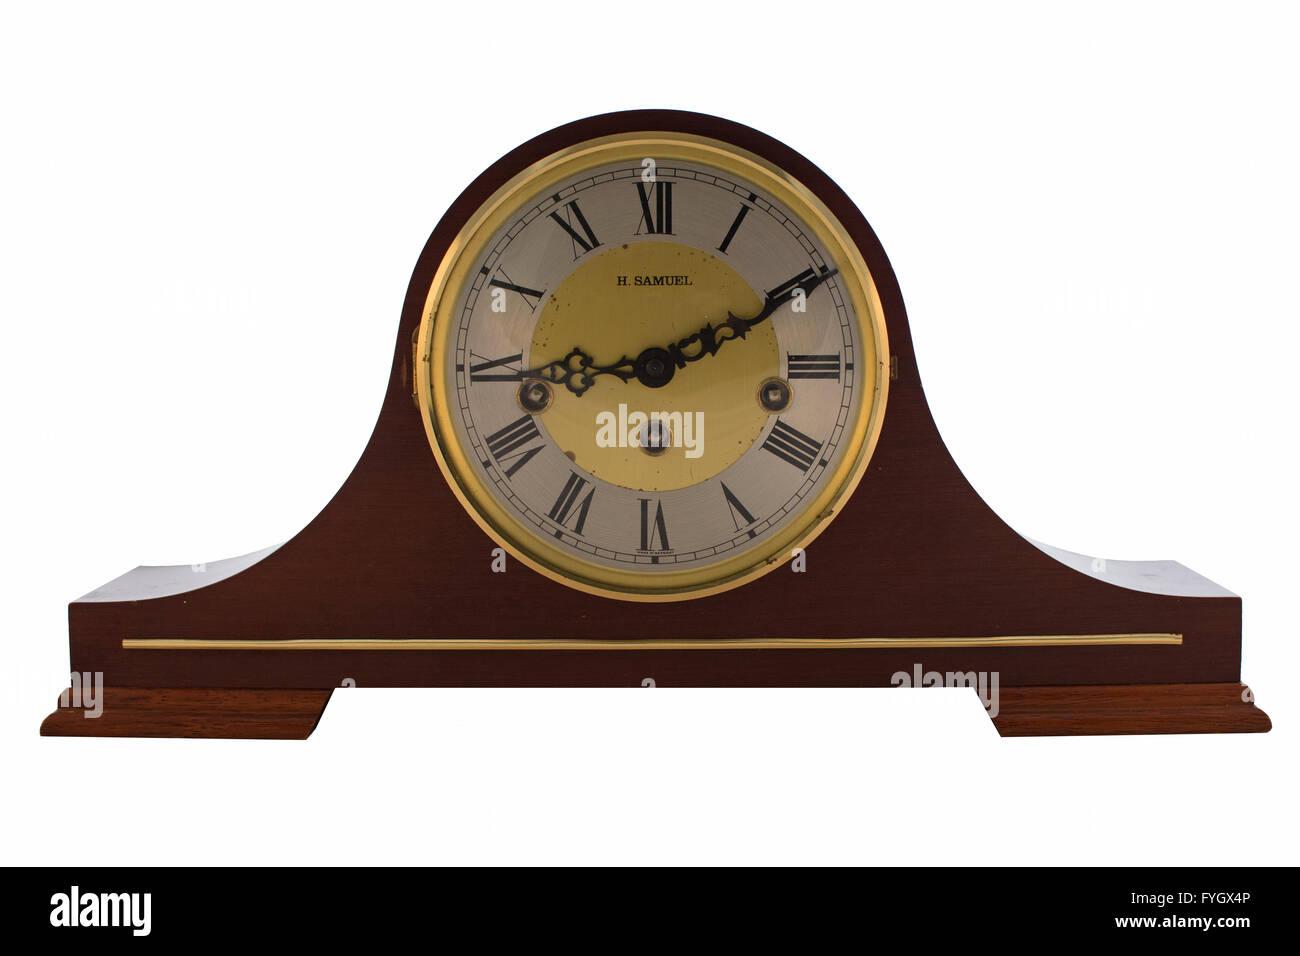 a h samuel antique mantle clock - Mantle Clock